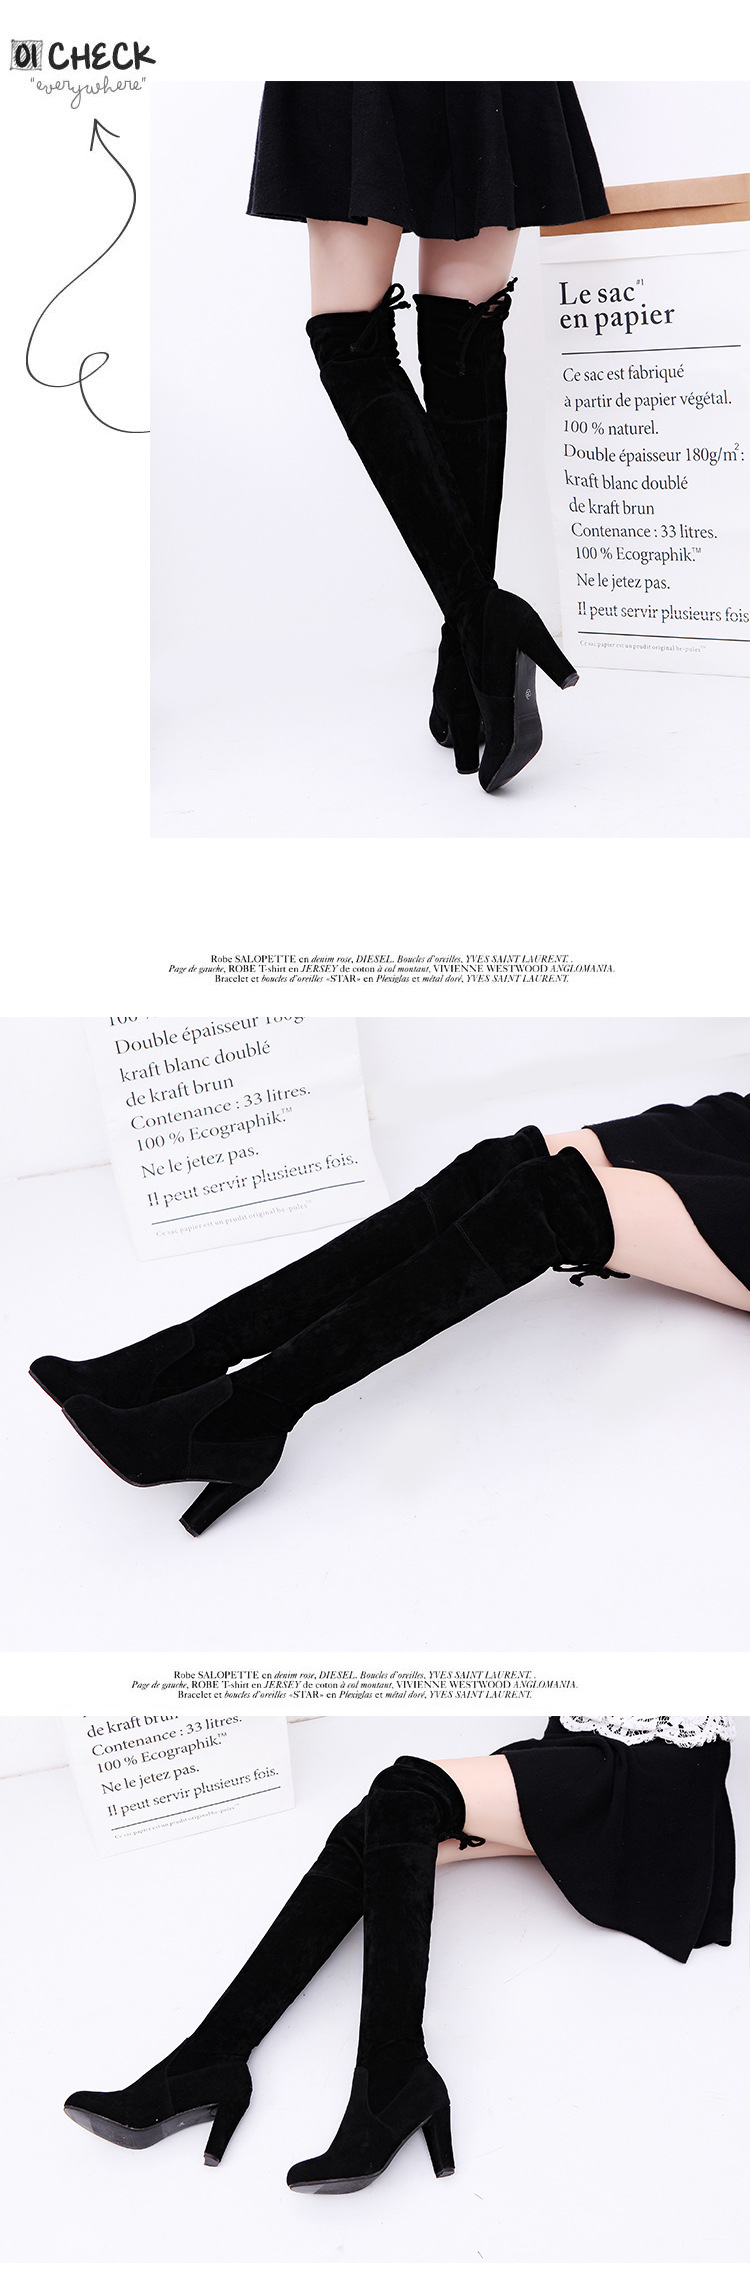 e717401845 ... longitud de la plantilla es generalmente 0-15mm más largo que la  longitud del pie para los zapatos normales. HTB1IrdgKXGWBuNjy0Fbq6z4sXXa7